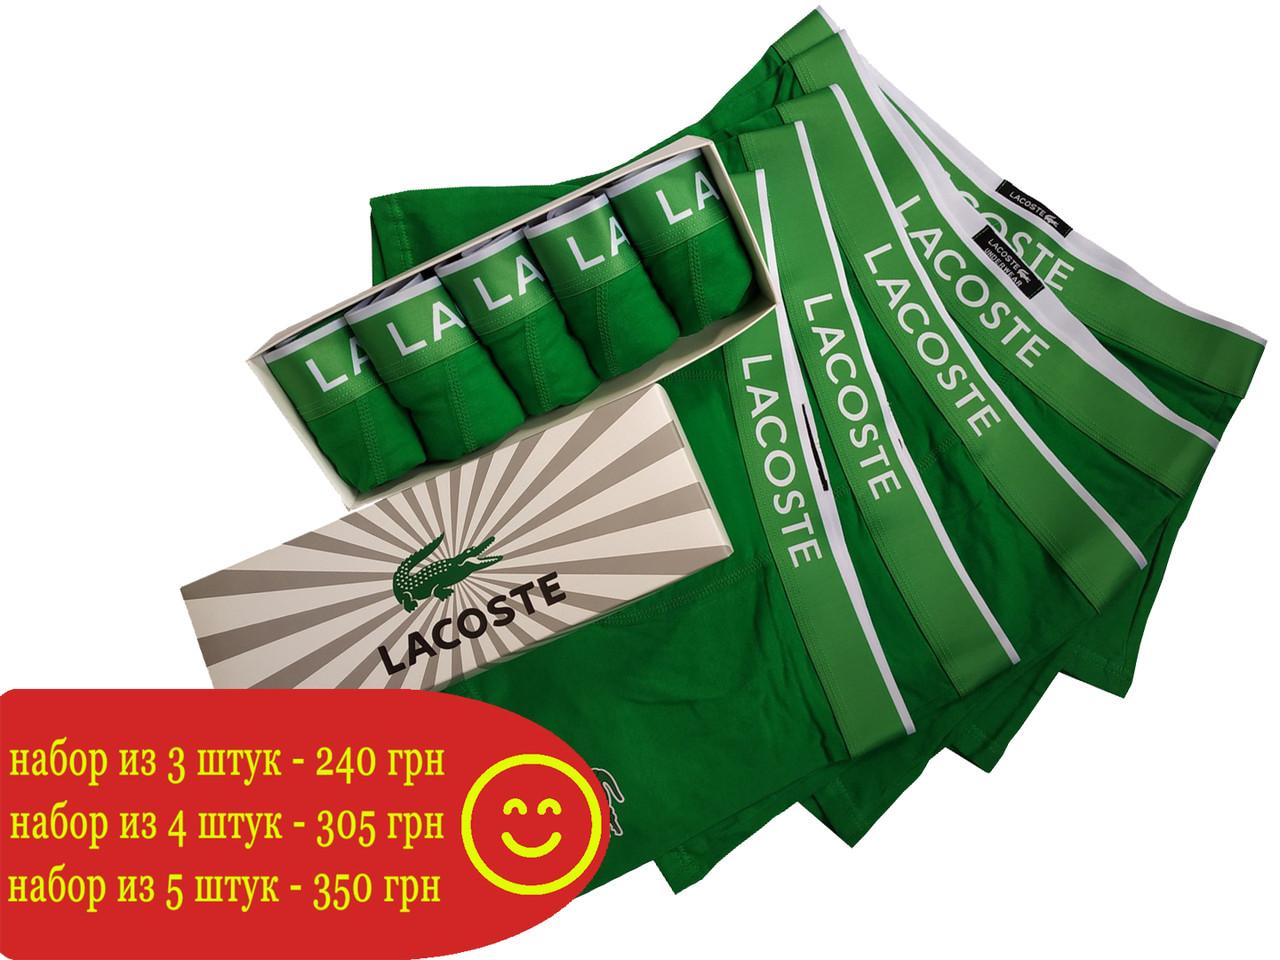 Набор зеленых мужских трусов Lacoste (реплика) в подарочной коробке 3-5 шт